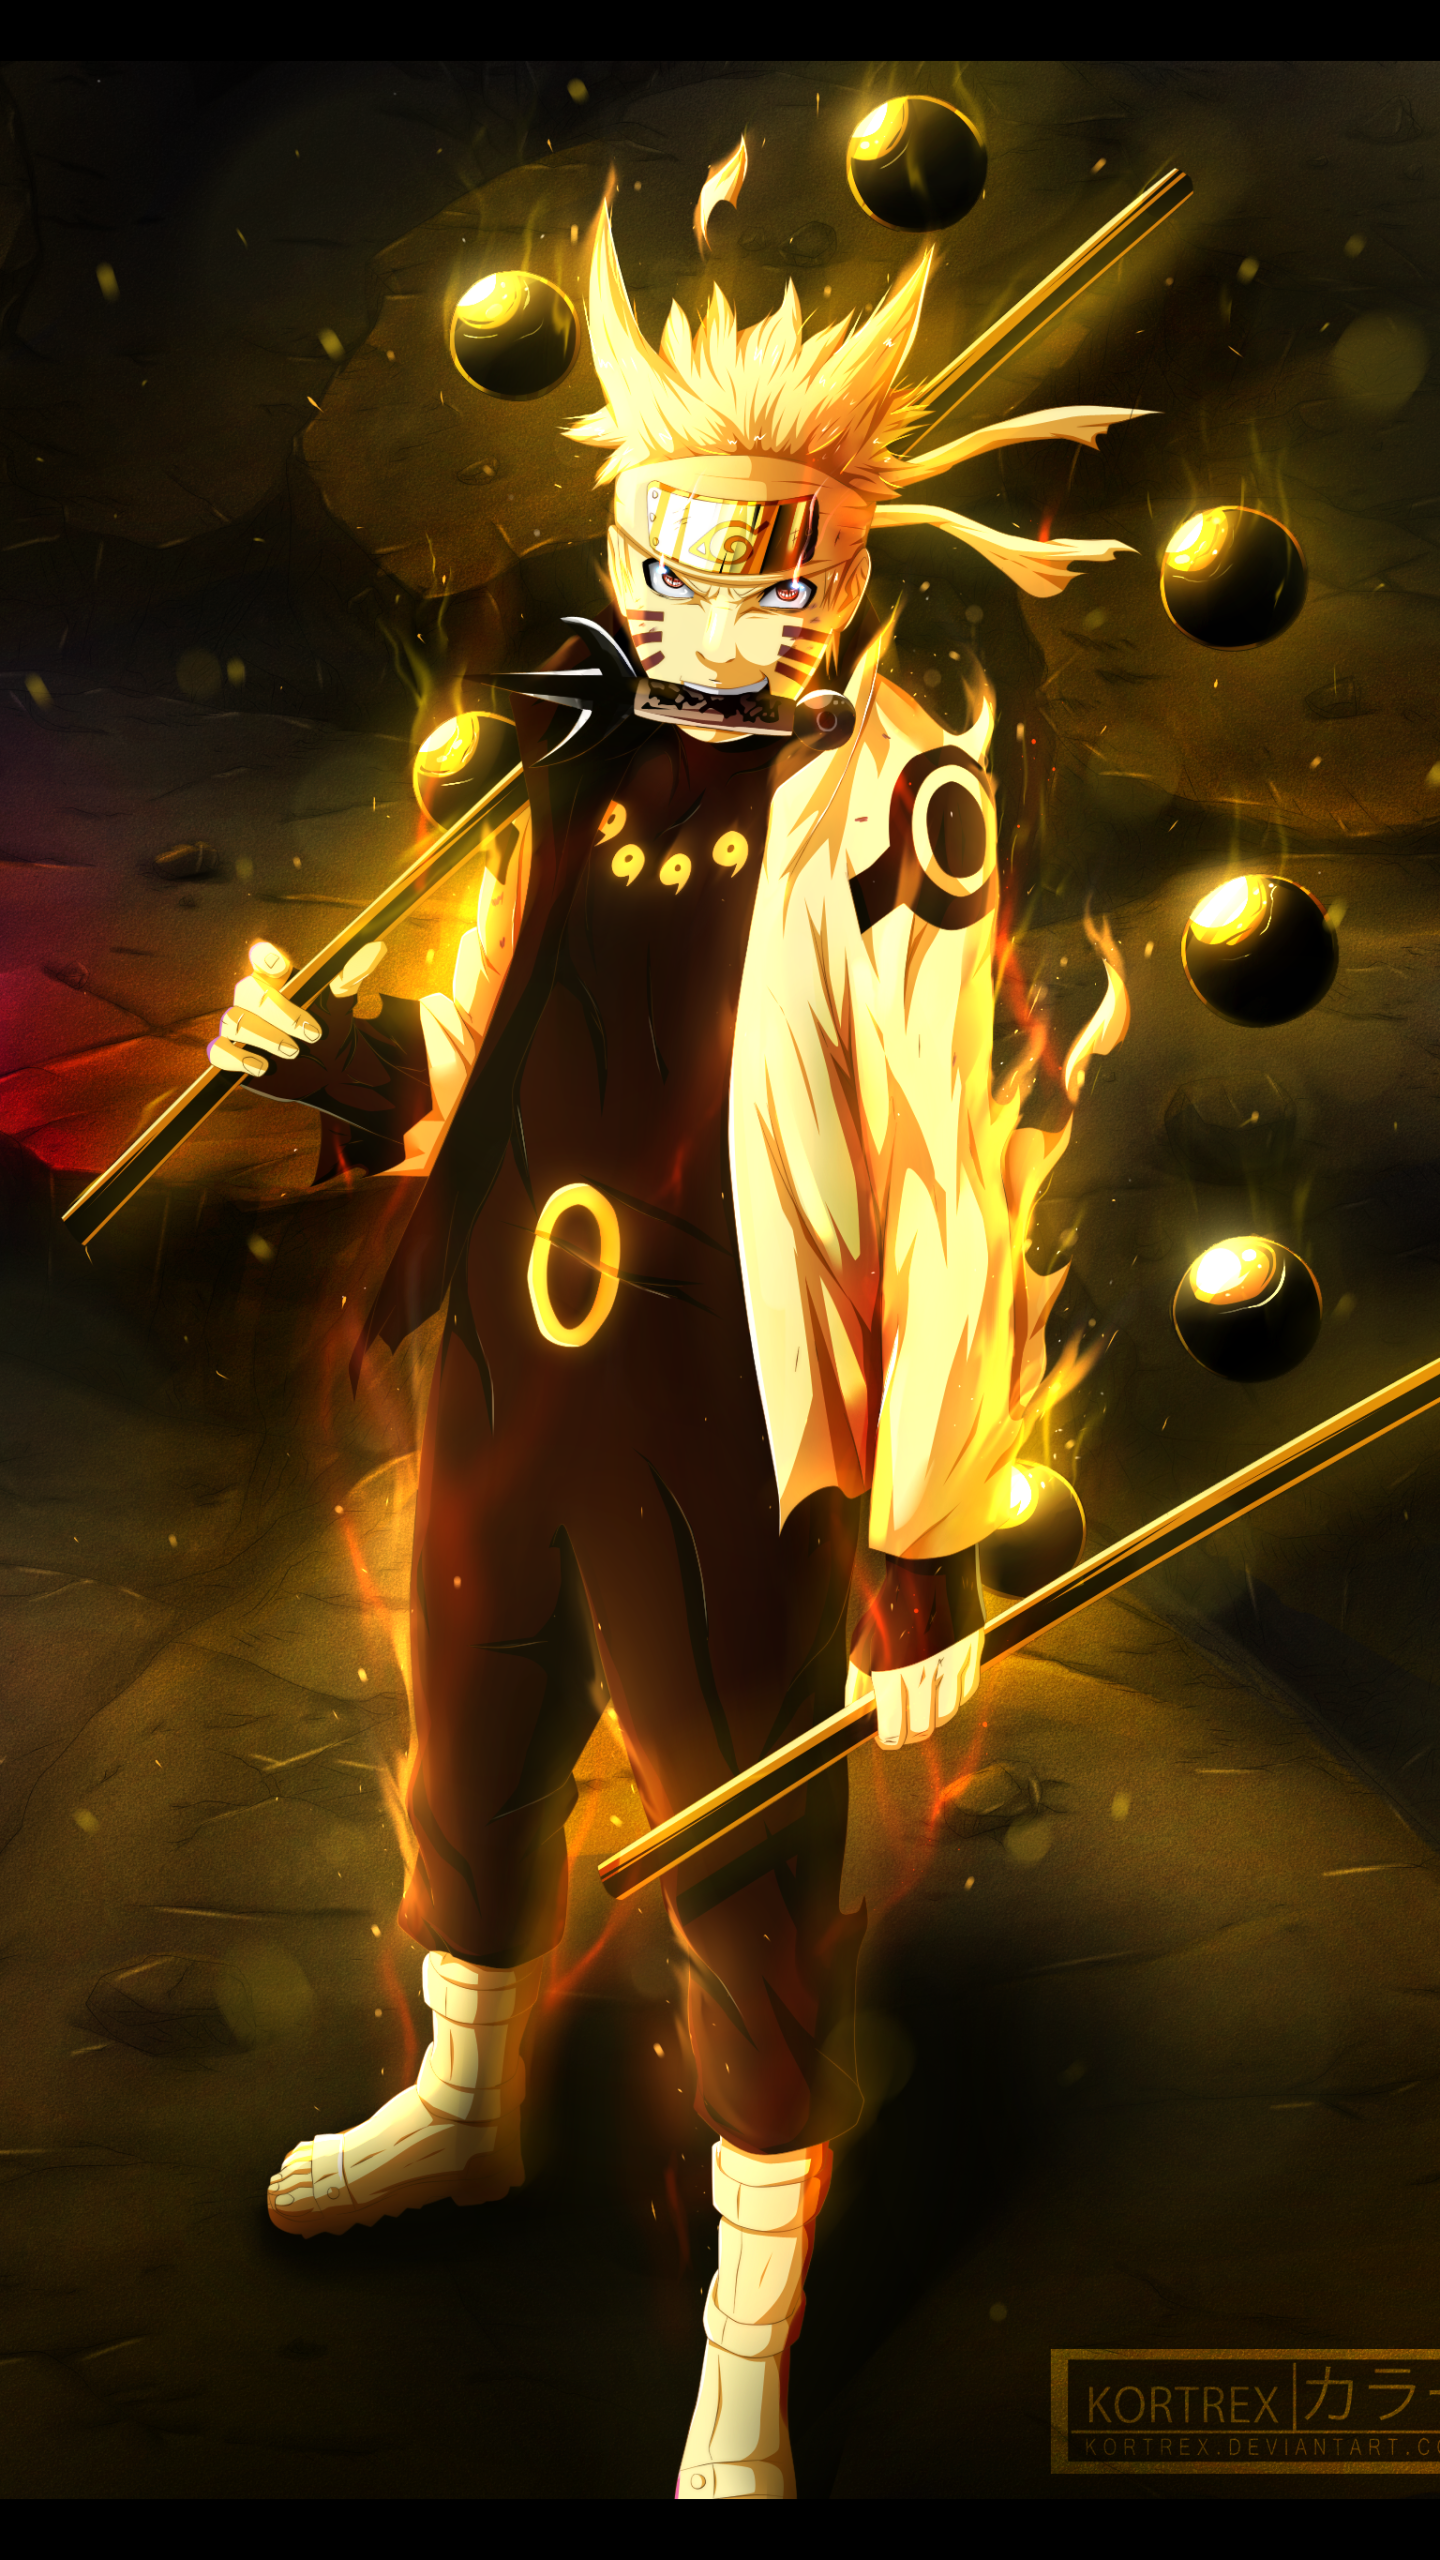 Wallpaper Naruto Shippuden | Wallpaper Naruto Shippuden